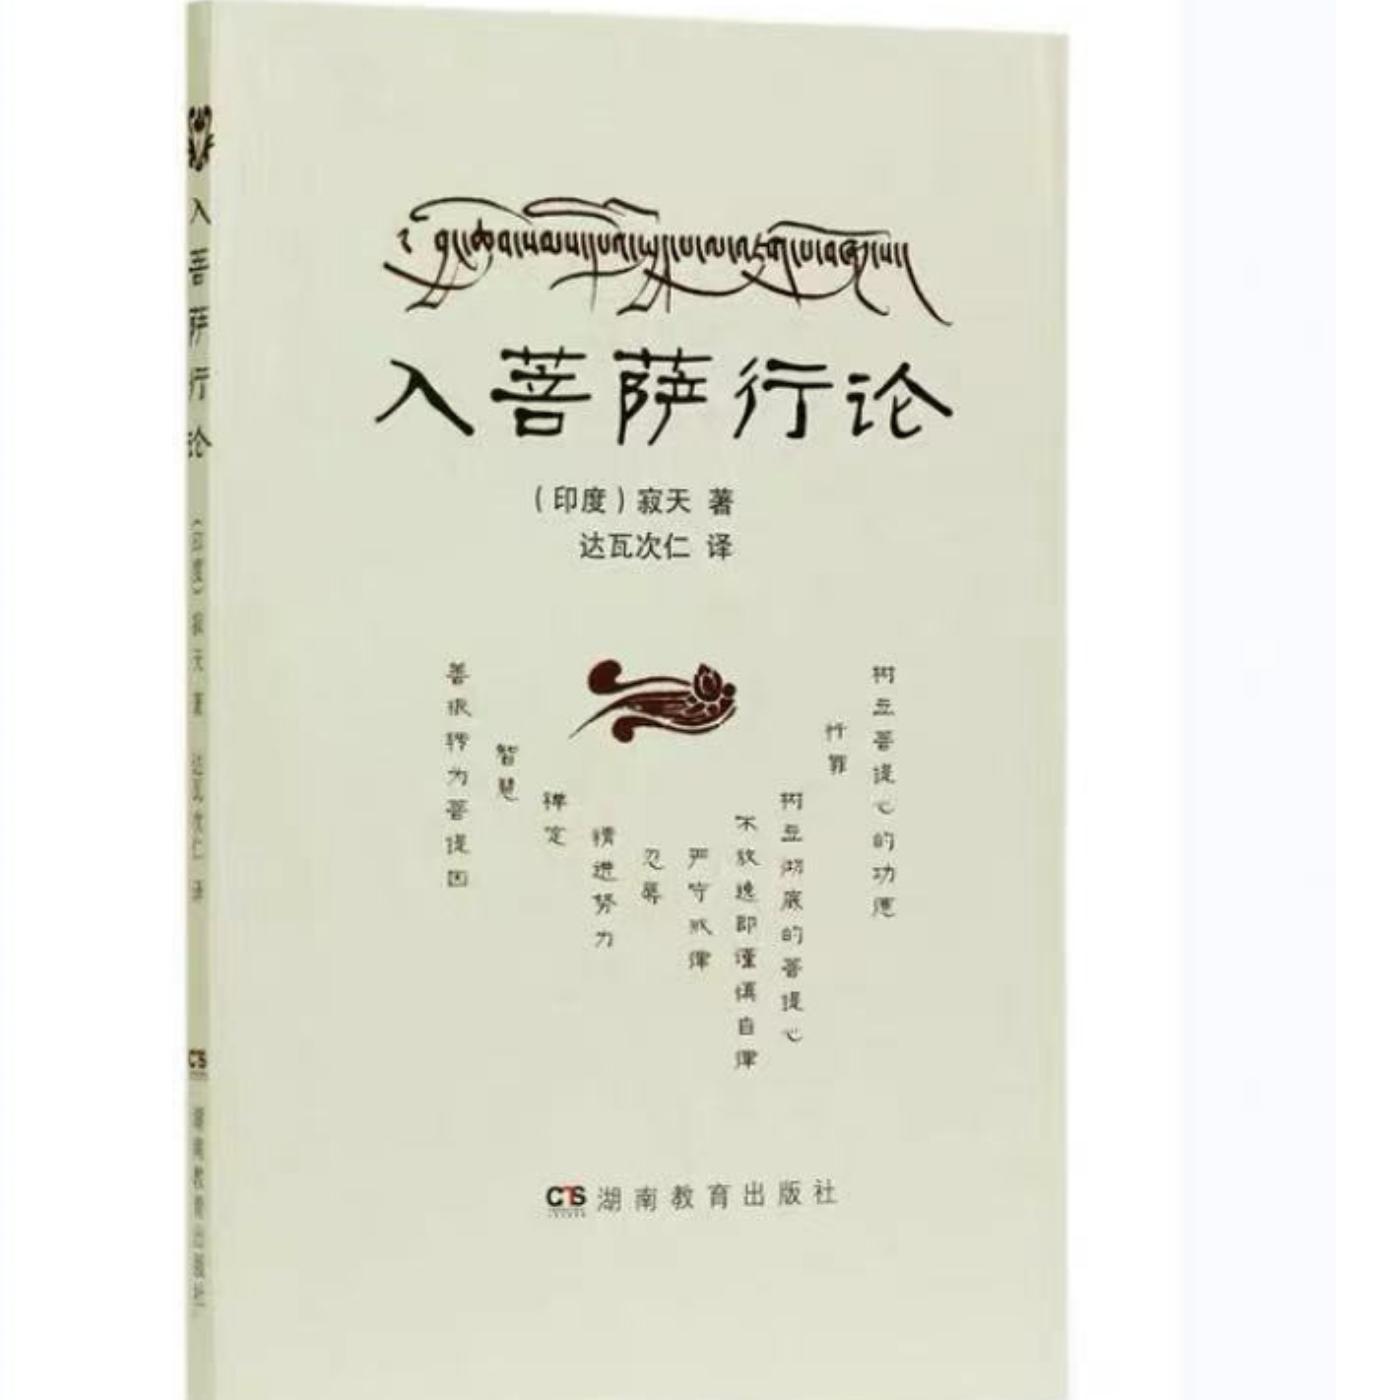 《入菩萨行论》原文